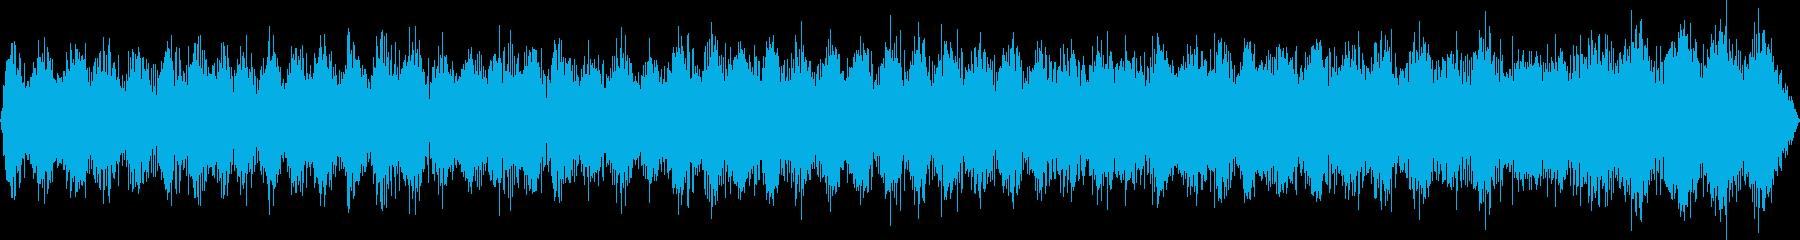 ヘリポート(環境音)の再生済みの波形